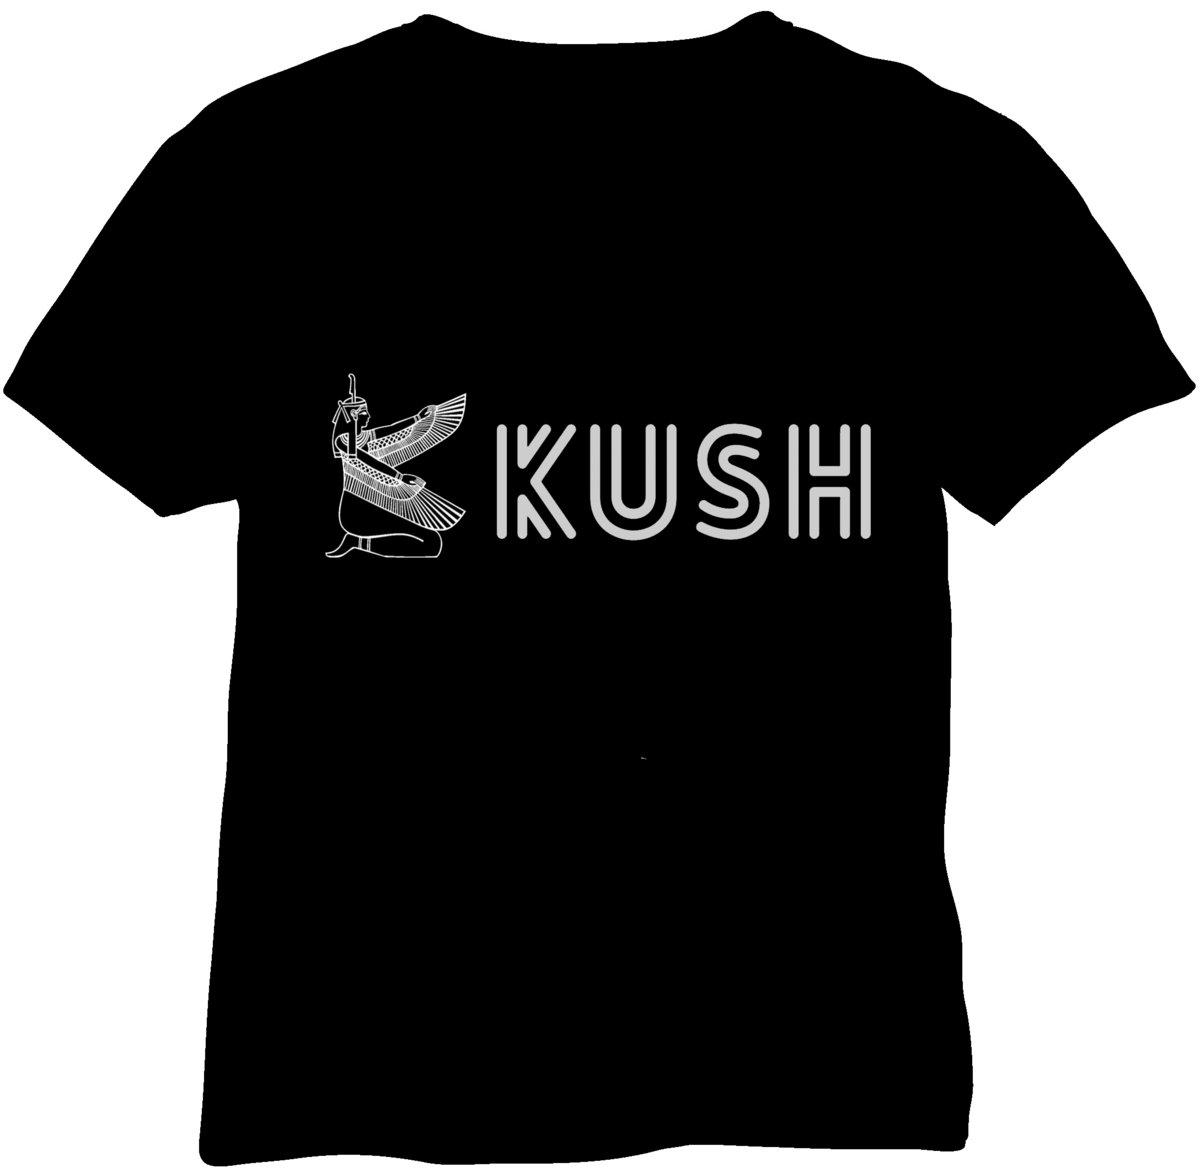 Shirt design black - Kush T Shirt Design 1 Main Photo